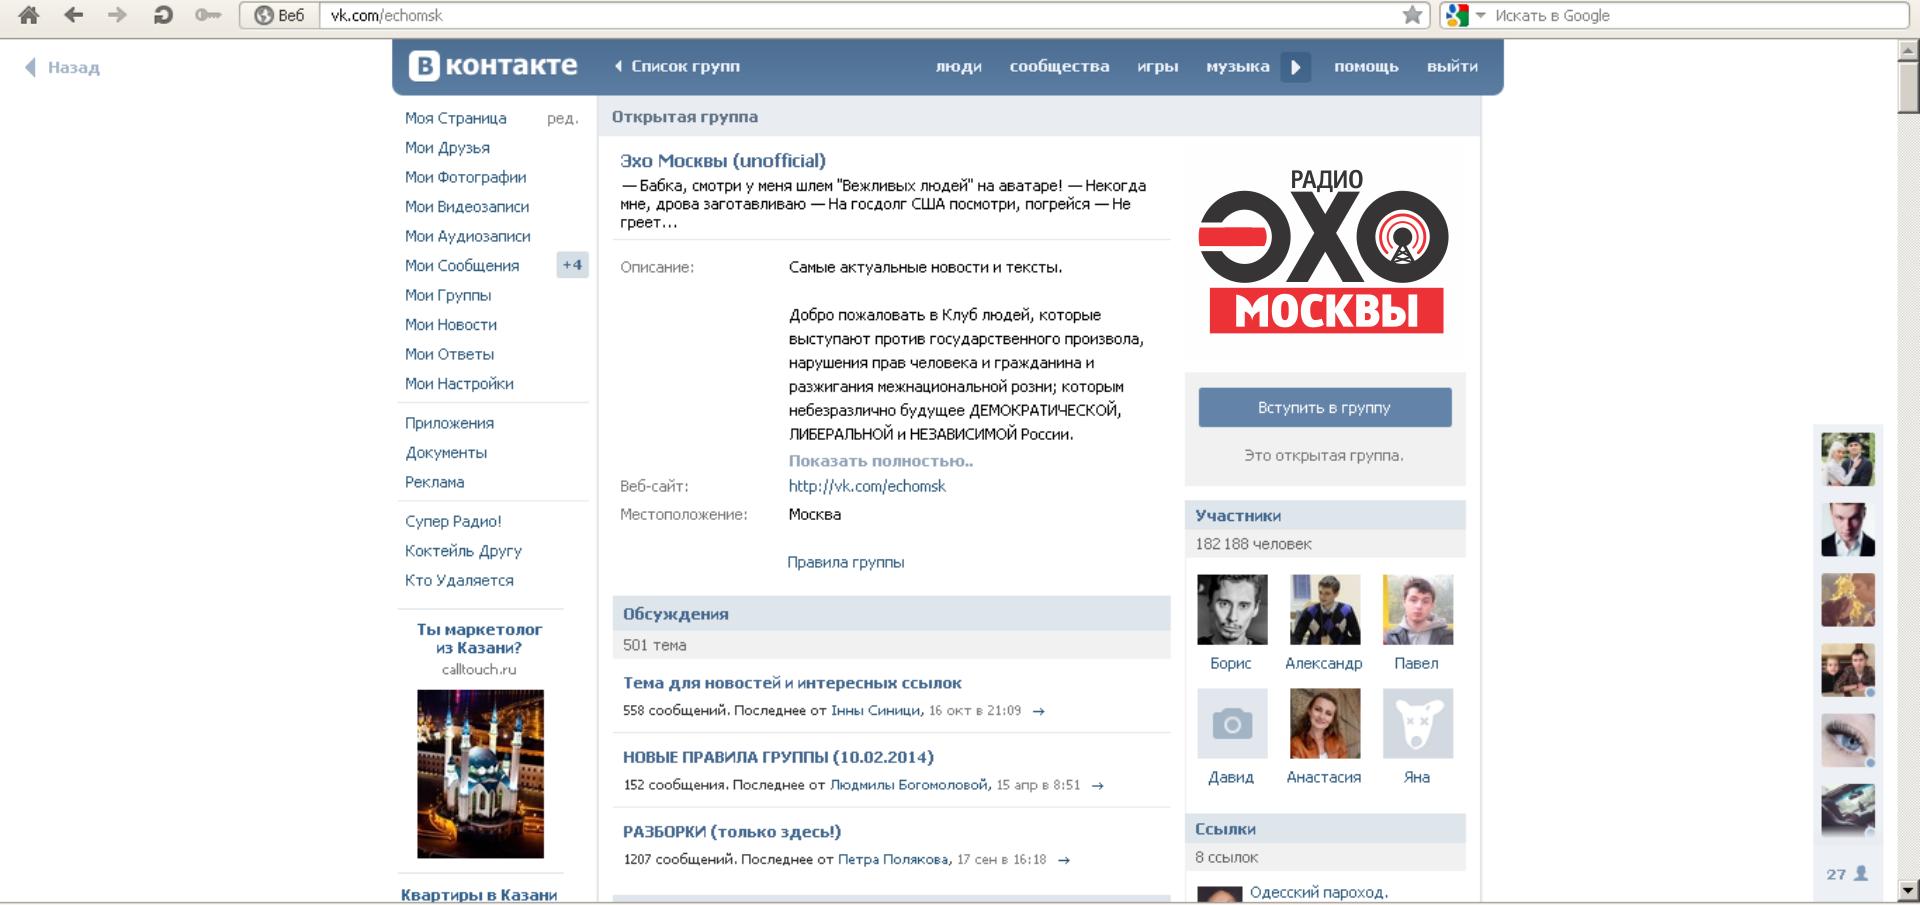 Дизайн логотипа р/с Эхо Москвы. фото f_4805625e470346e1.png